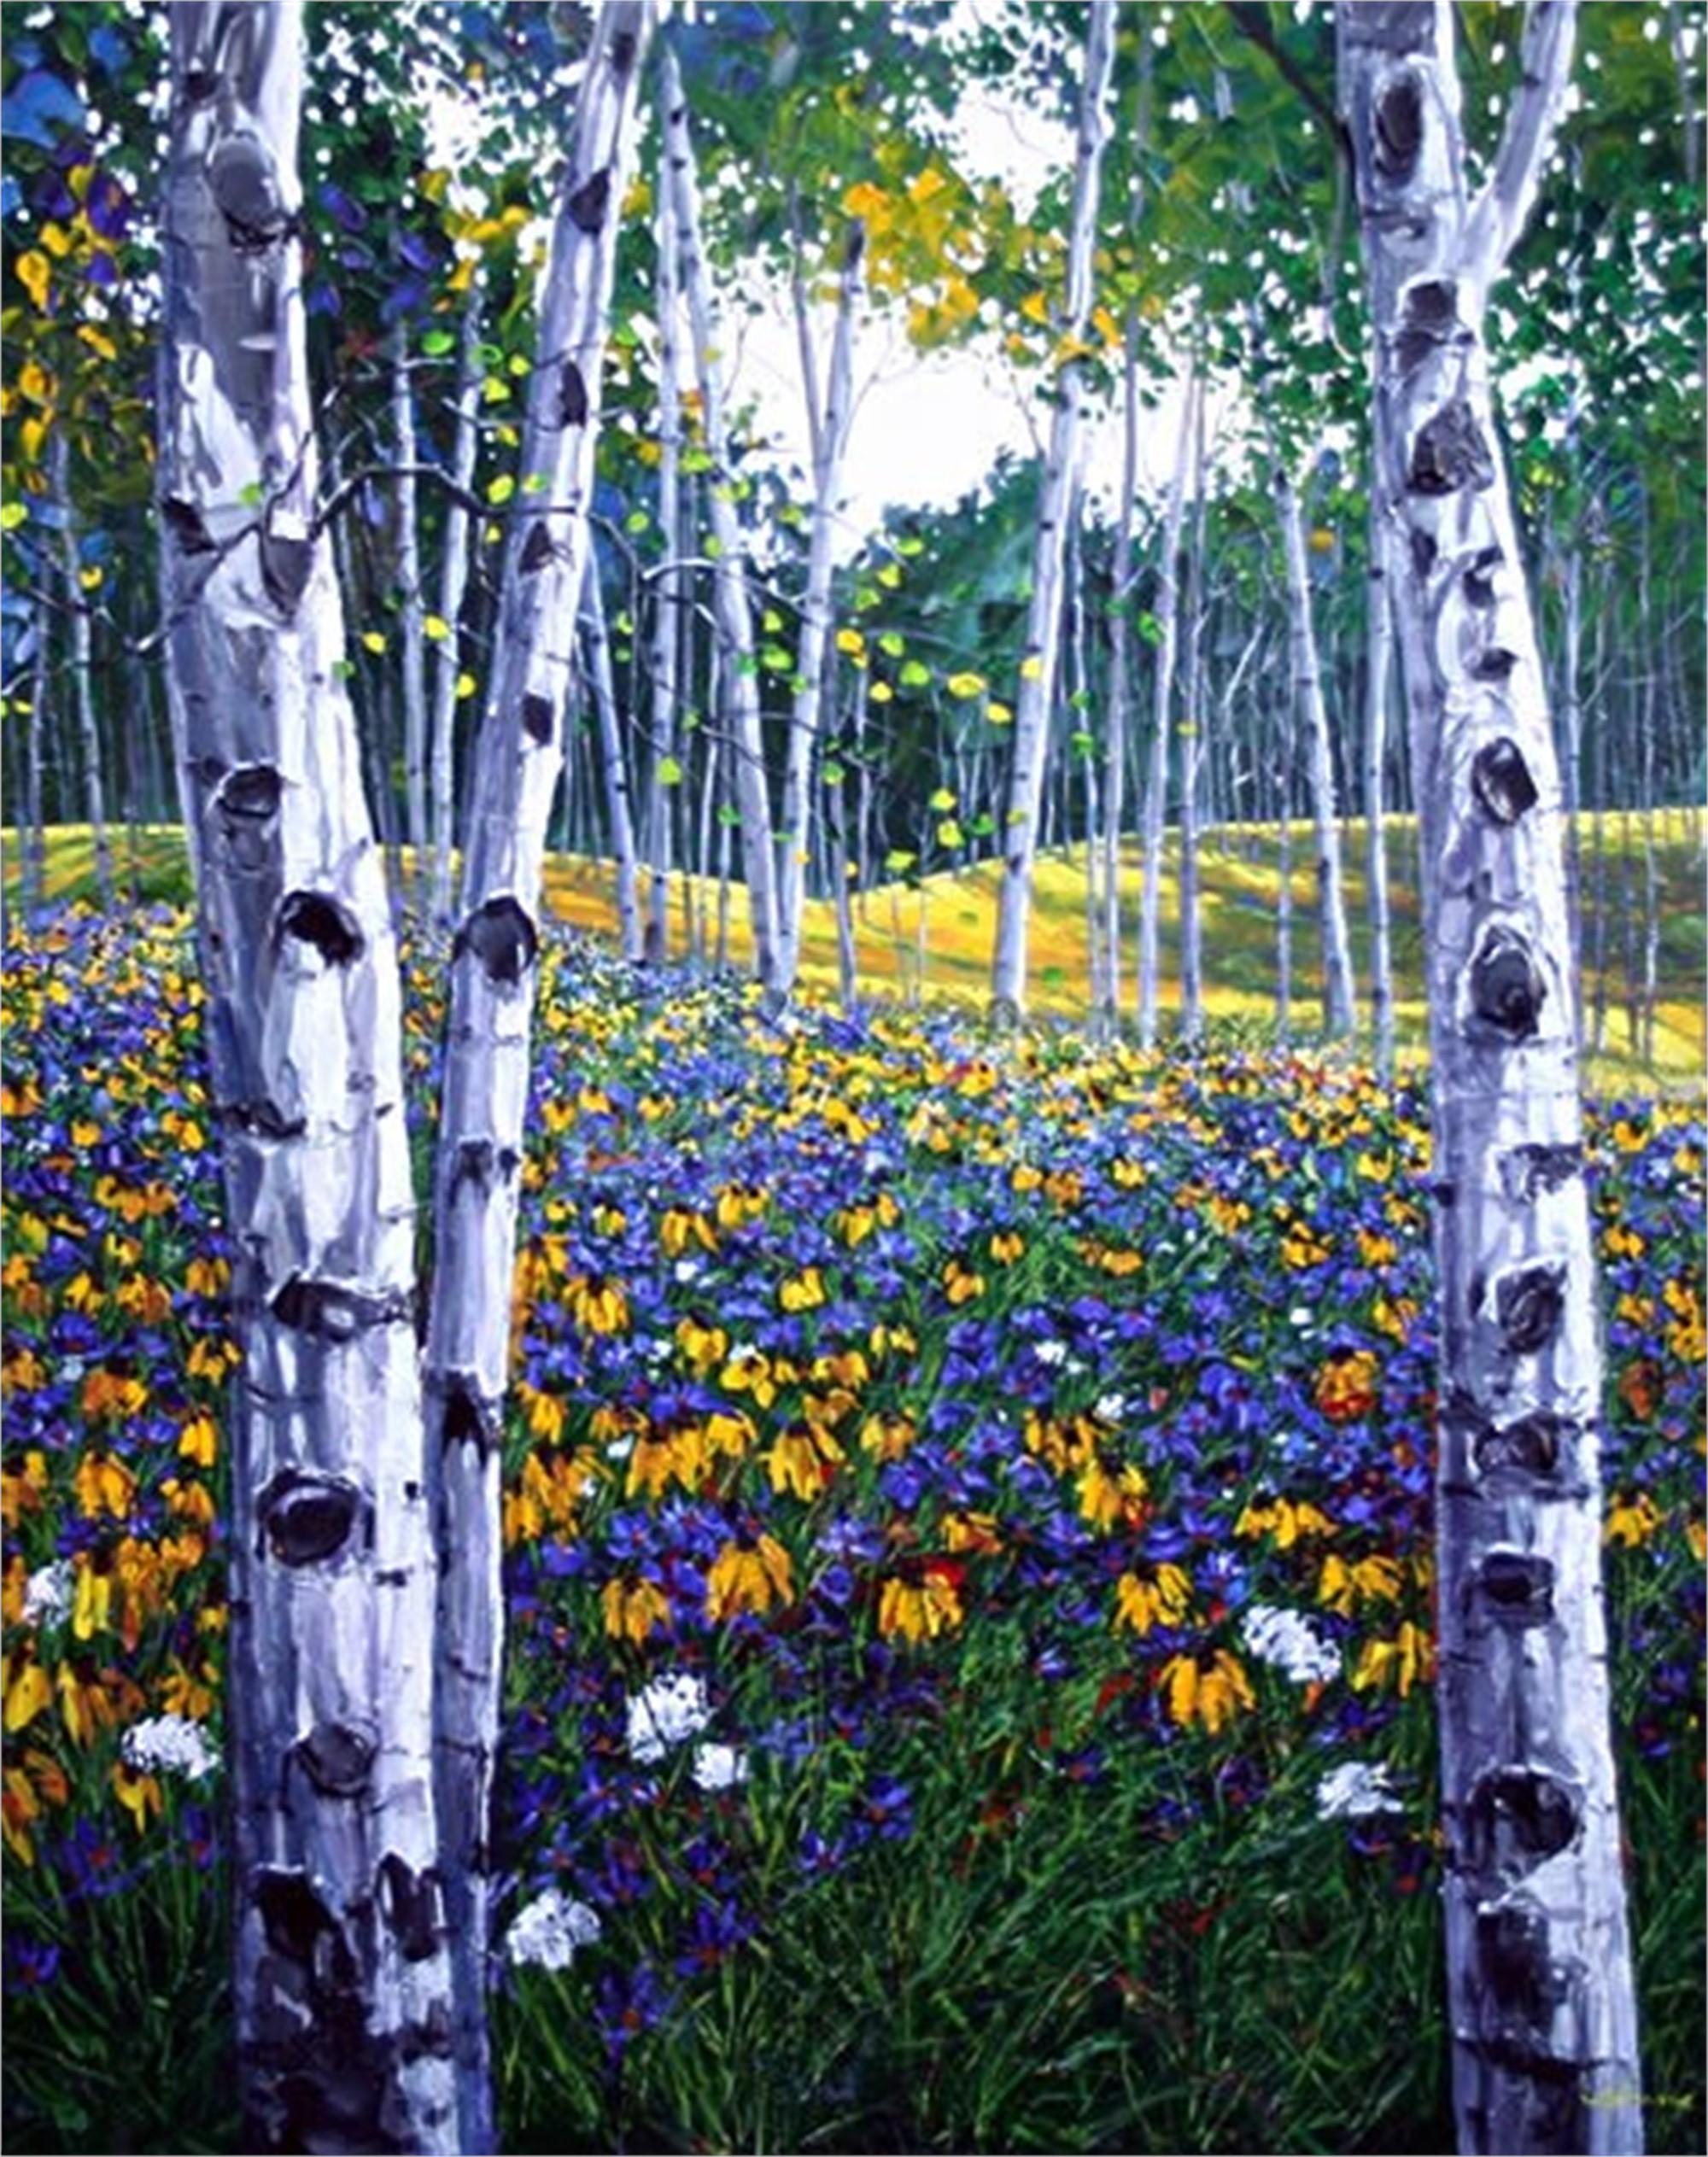 The Joy of Spring by Jennifer Vranes